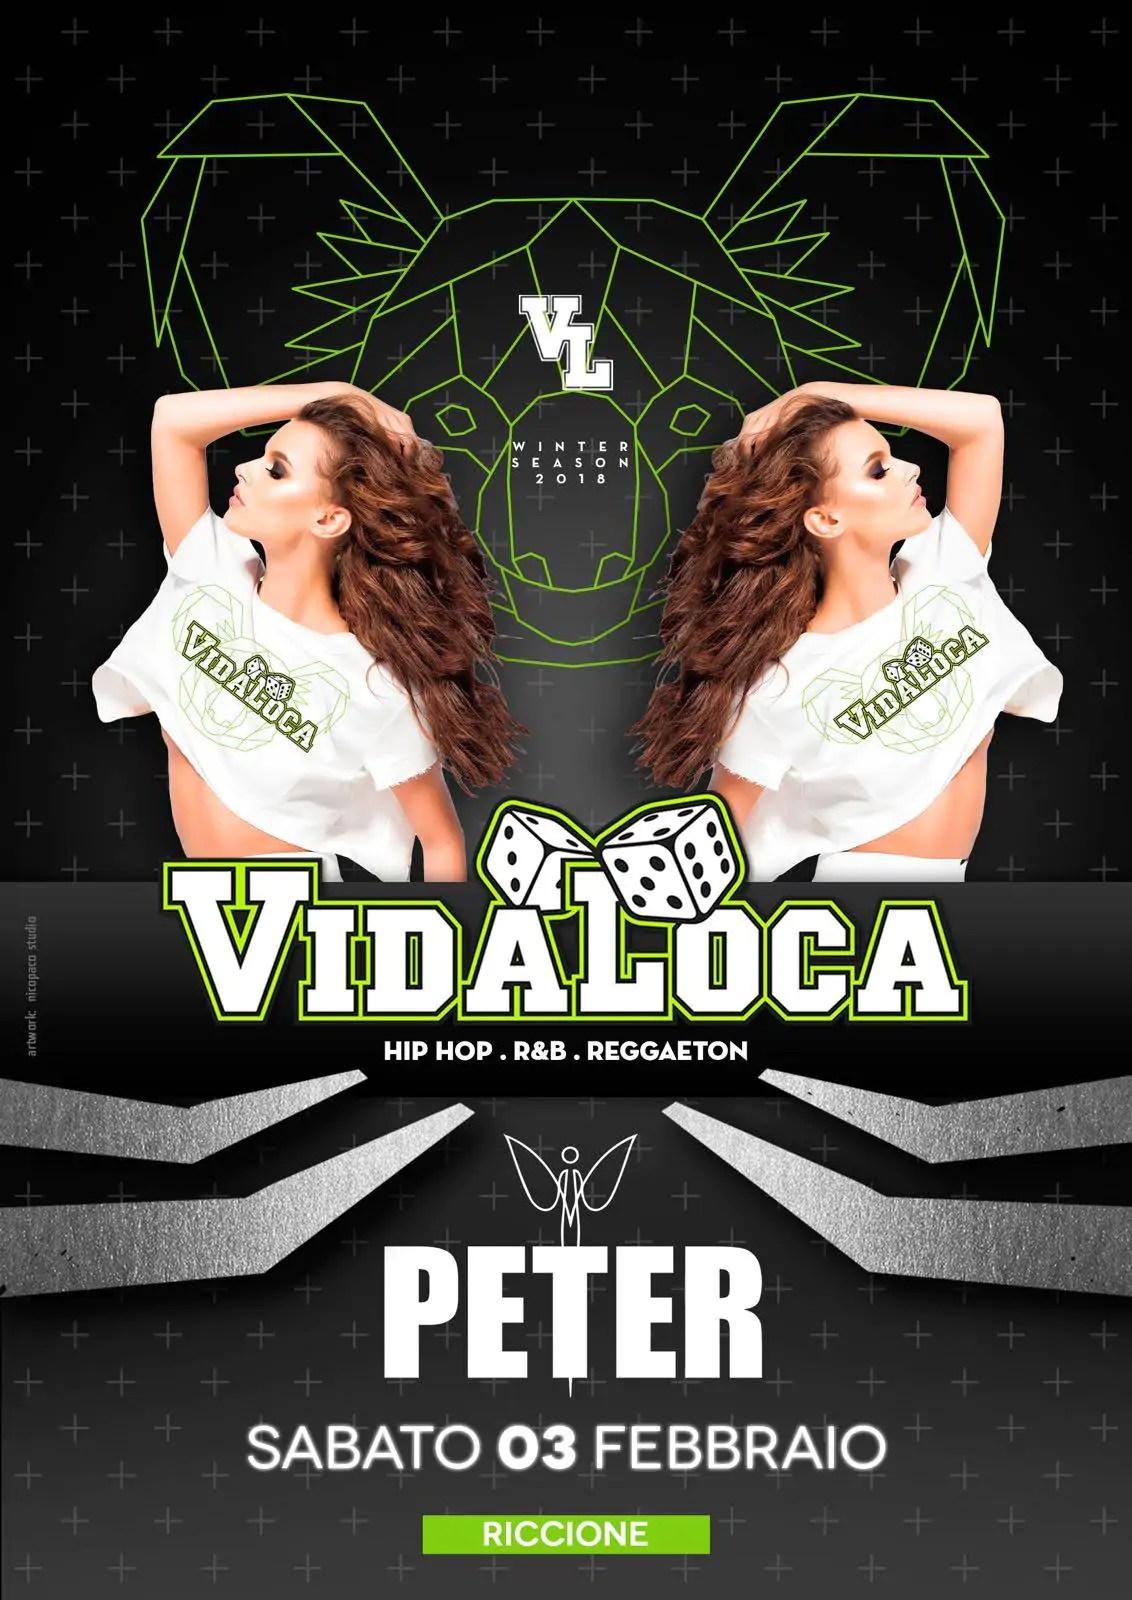 Peter Pan Riccione – Vida Loca – 10 Febbraio 2018 | Ticket Tavoli Pacchetti Hotel